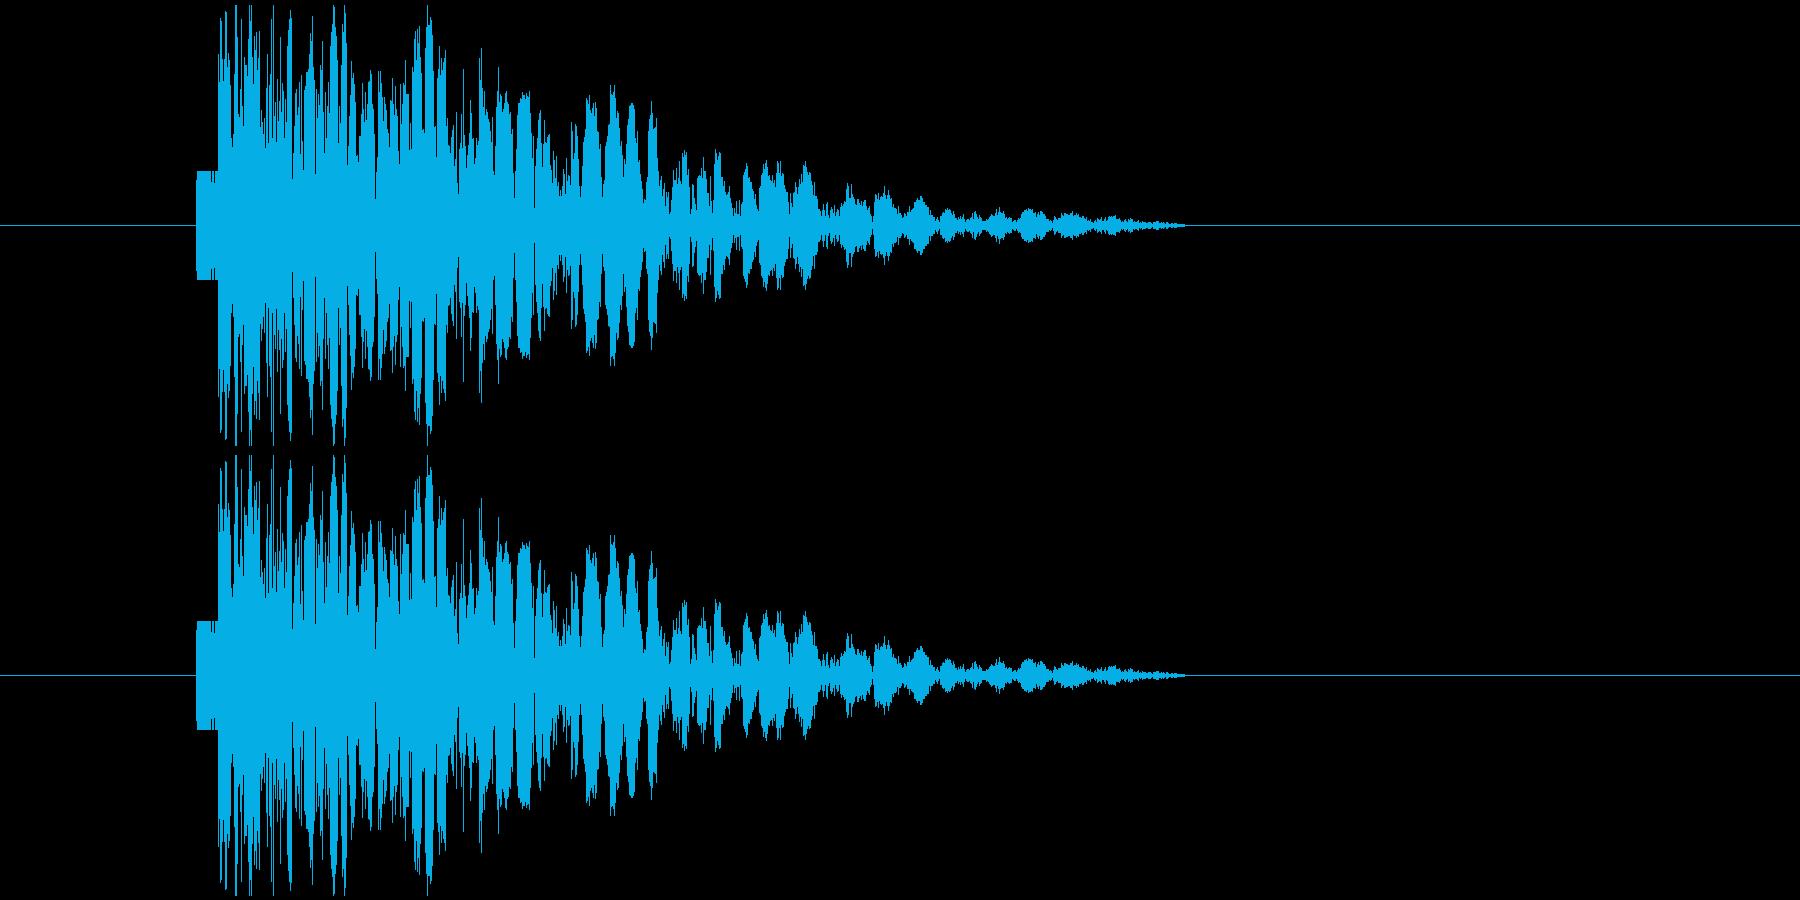 打撃音パンチの再生済みの波形